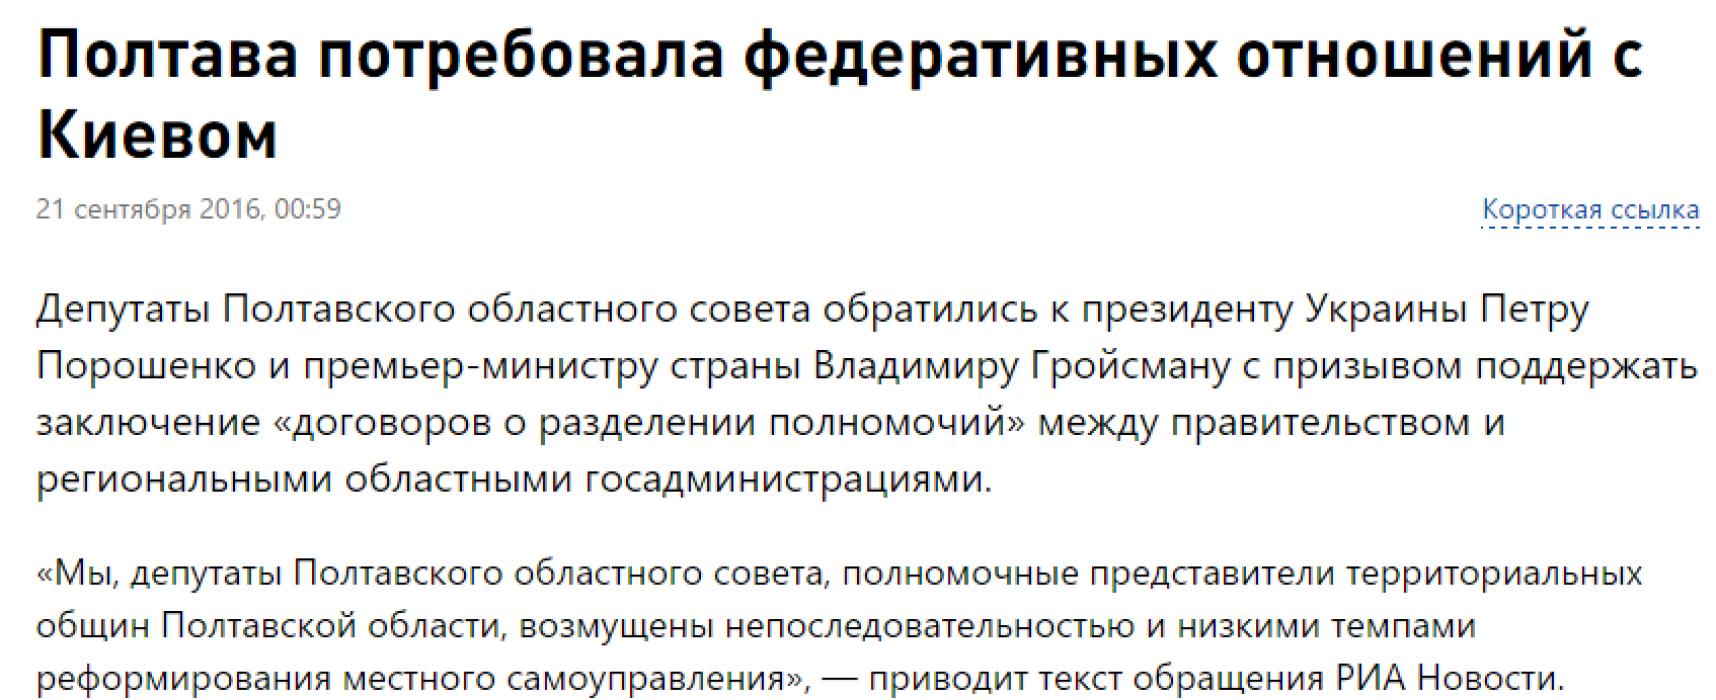 Fake: Ukraine's Poltava Region Demands Federalization from Kyiv